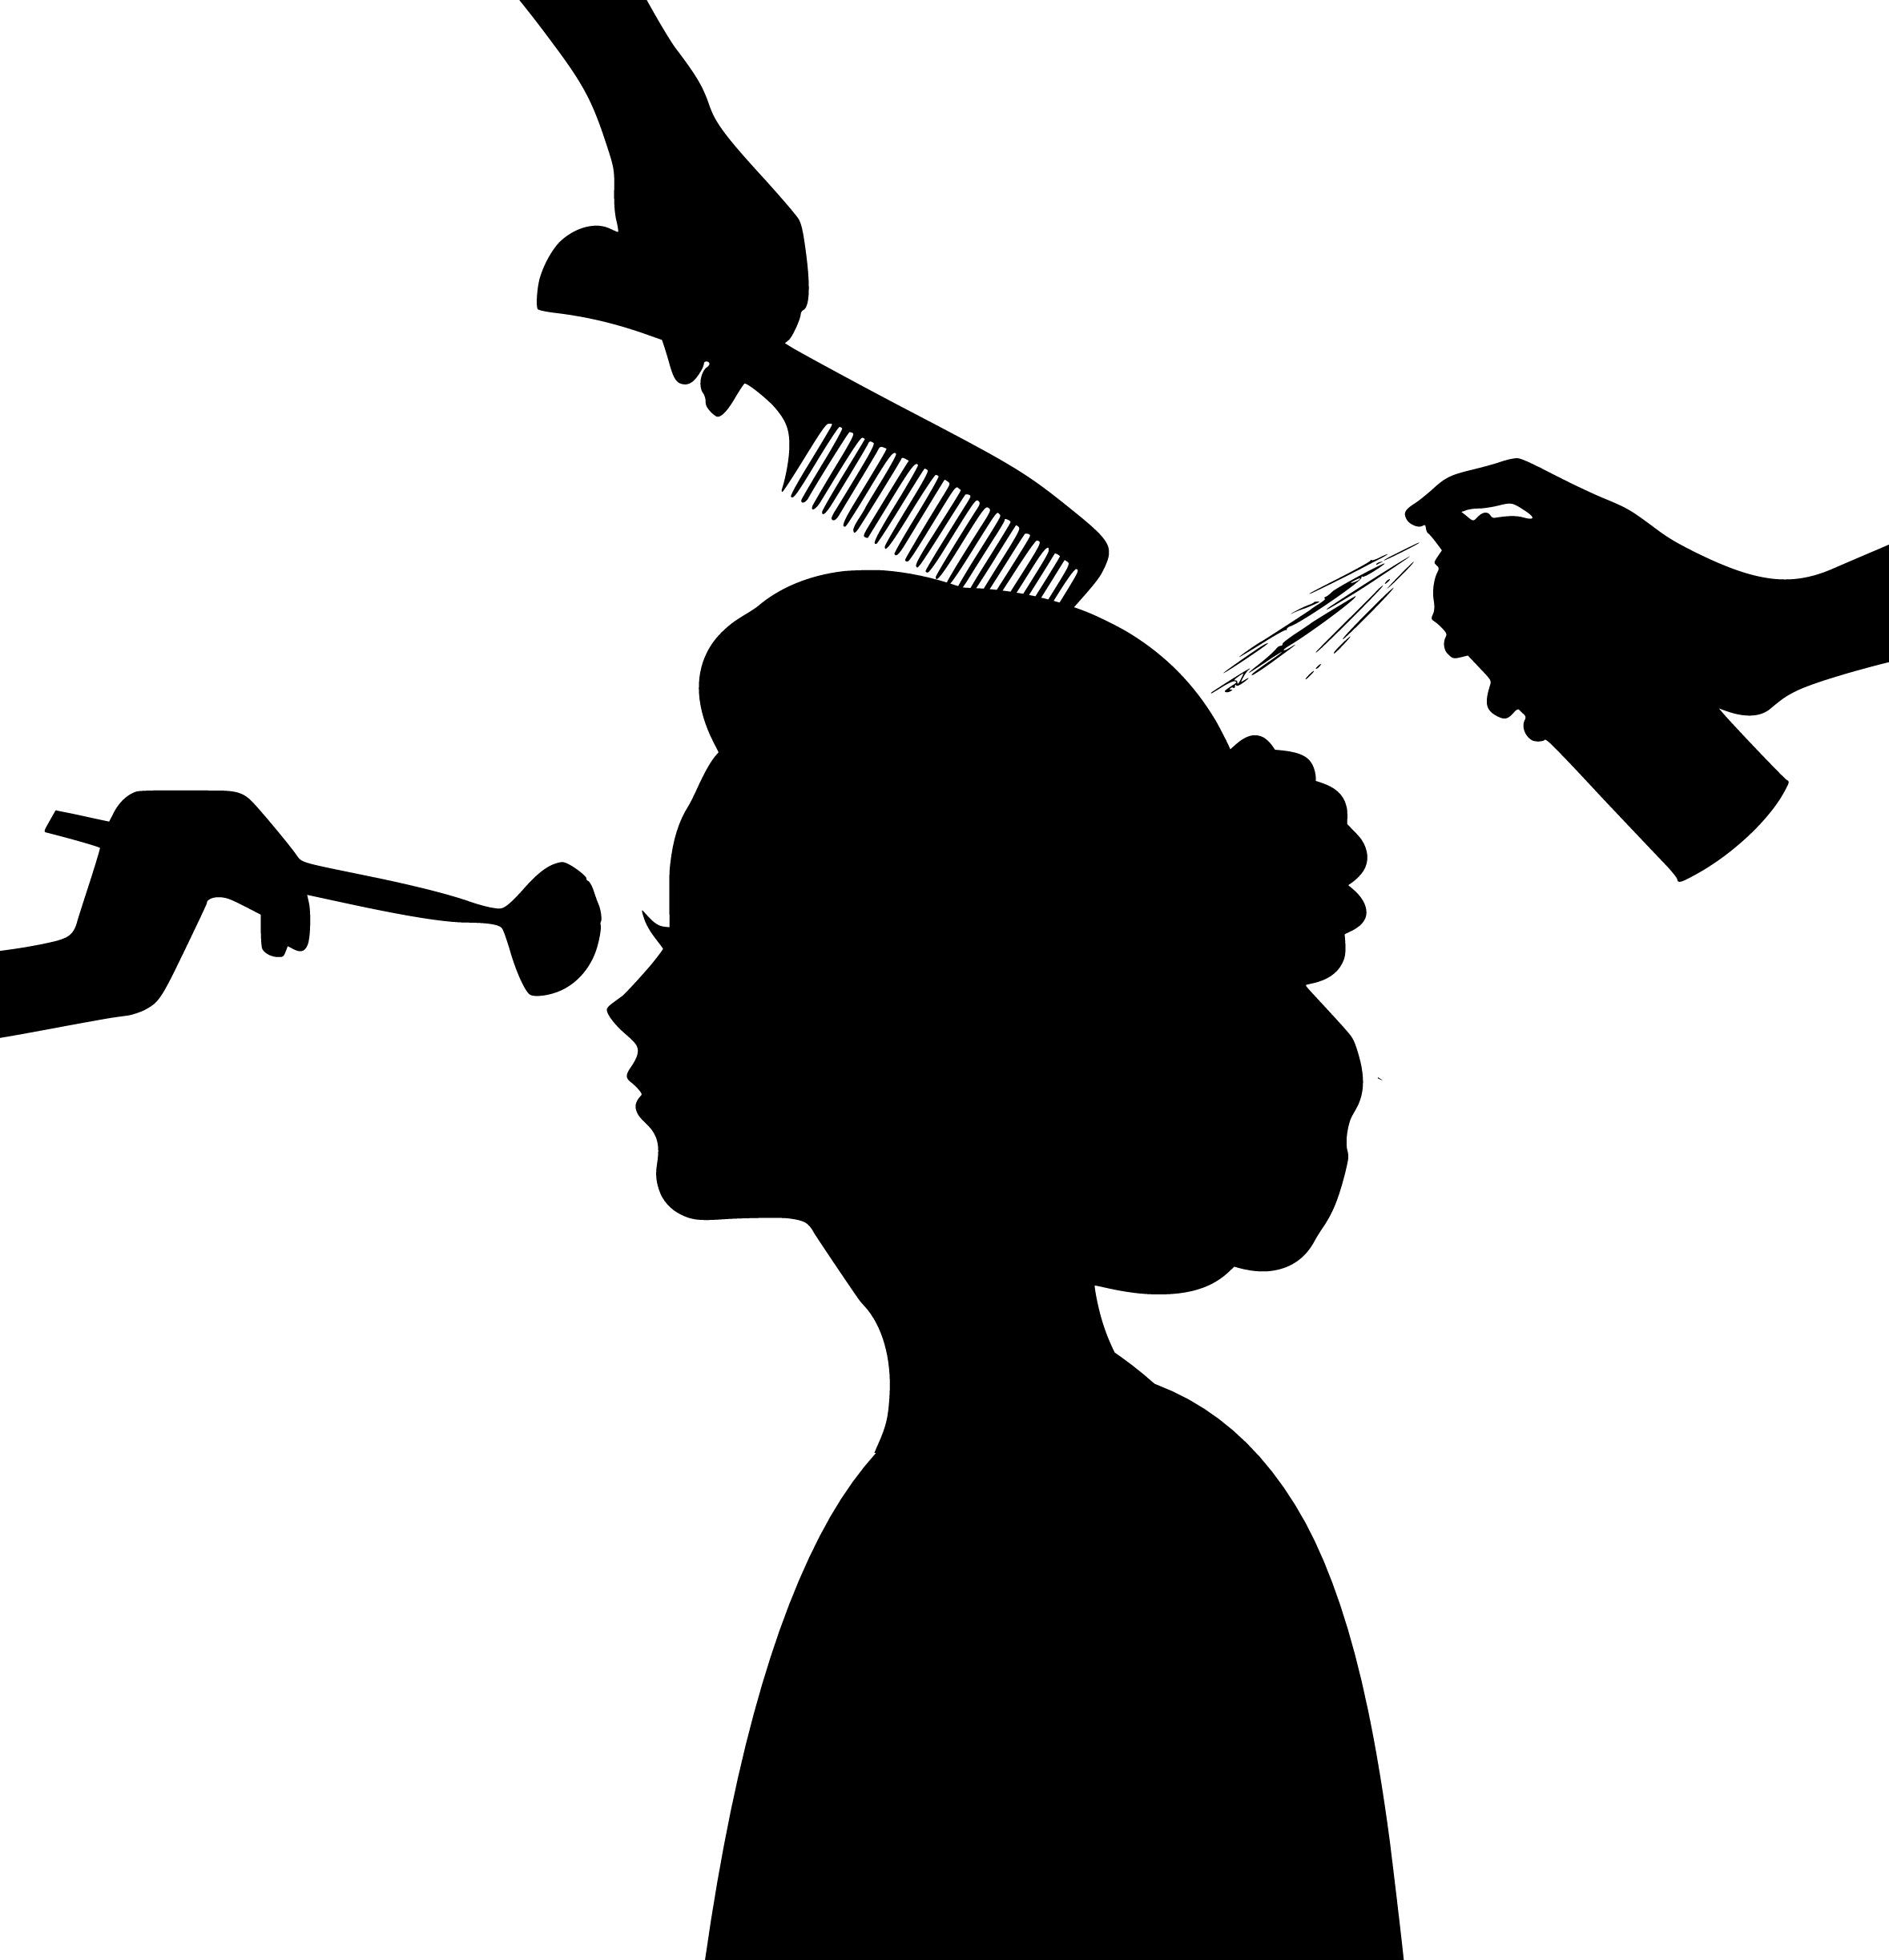 Poze Siluetă Frumuseţe Salon Coafor Coafat Par Spa Produse